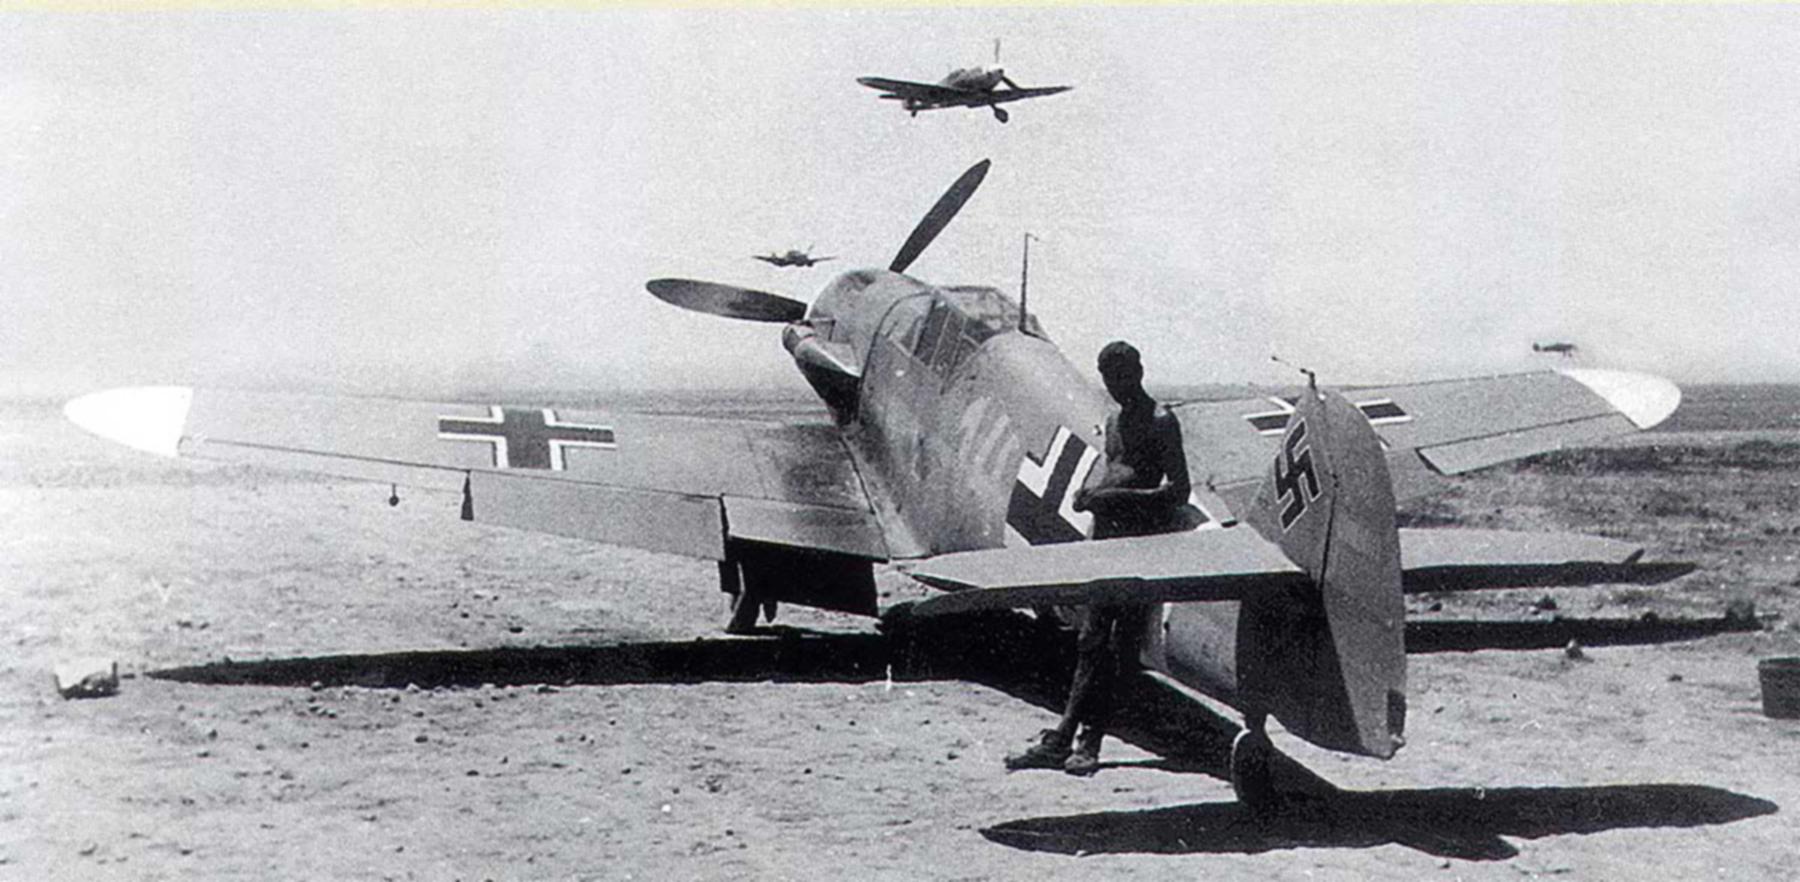 Messerschmitt Bf 109F4Trop 3.JG27 Yellow 14 Hans Joachim Marseille WNr 10137 Africa 21st June 1942 01